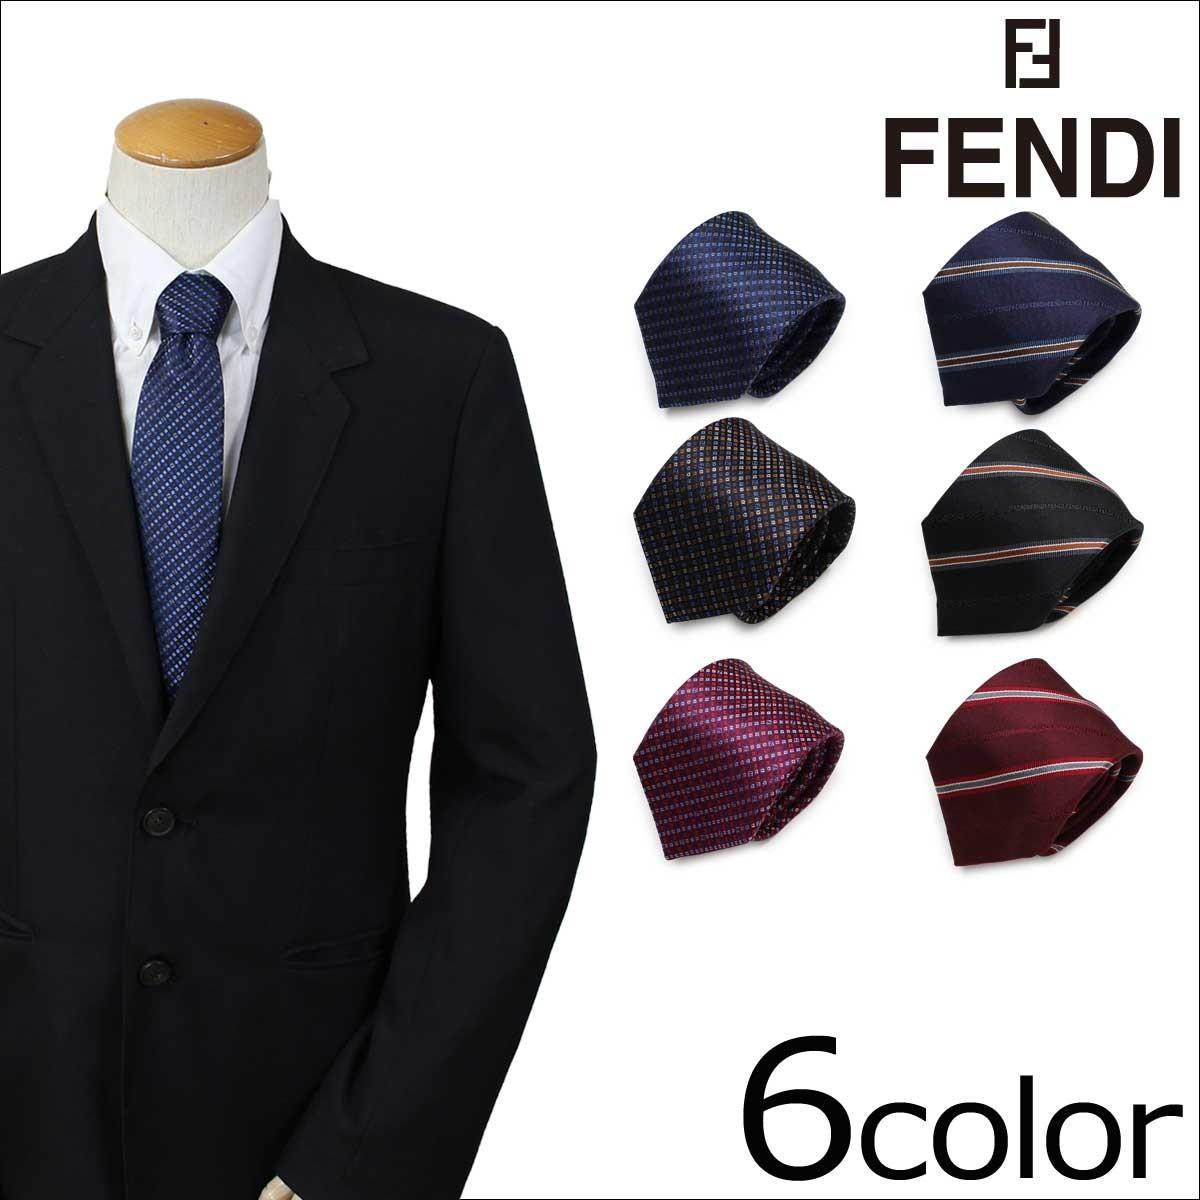 フェンディ FENDI ネクタイ シルク イタリア製 ビジネス 結婚式 メンズ [1/16 追加入荷]